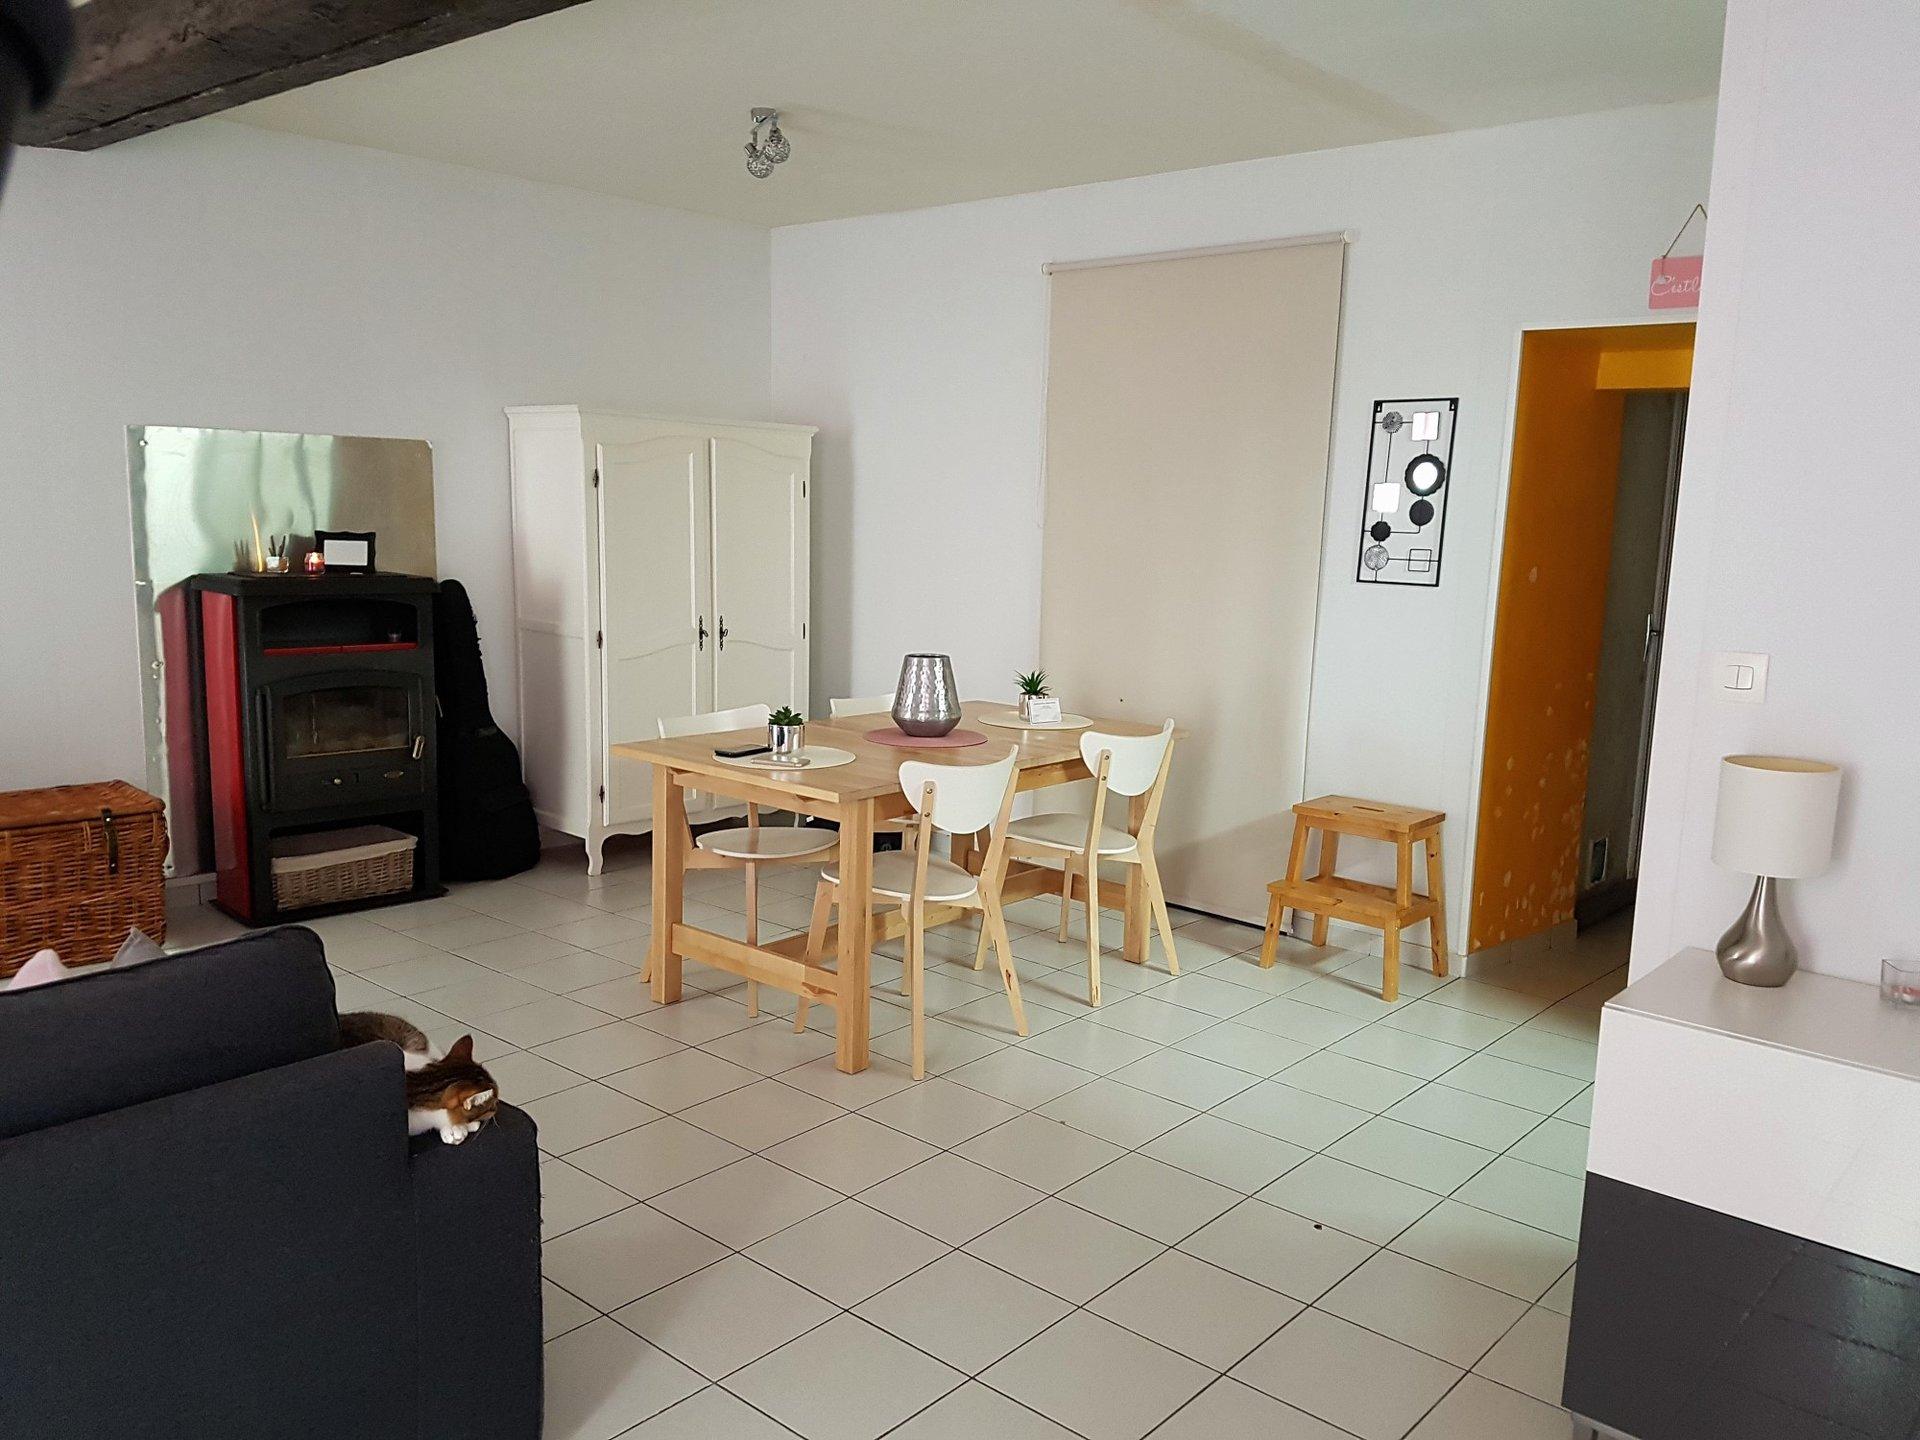 La Trimouille, Vienne 86: charmantes Dorfhaus